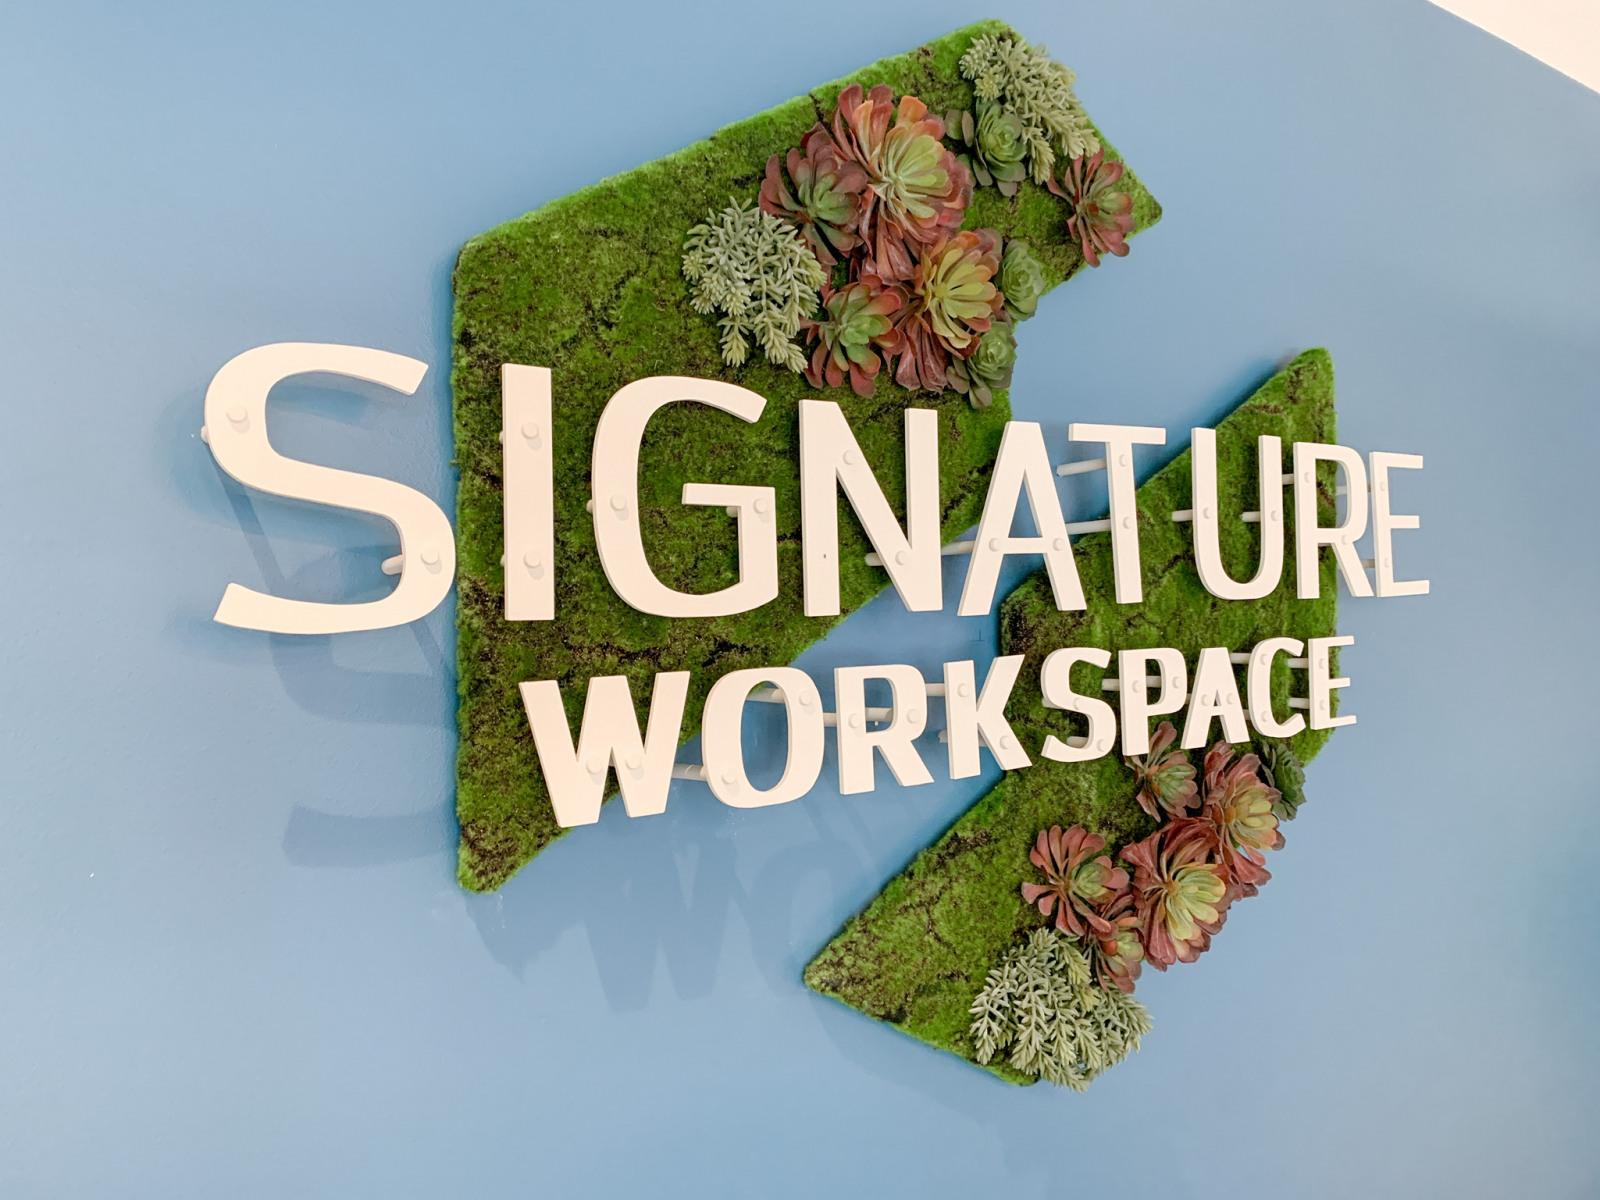 northwood_signature-workspace-moss-signage